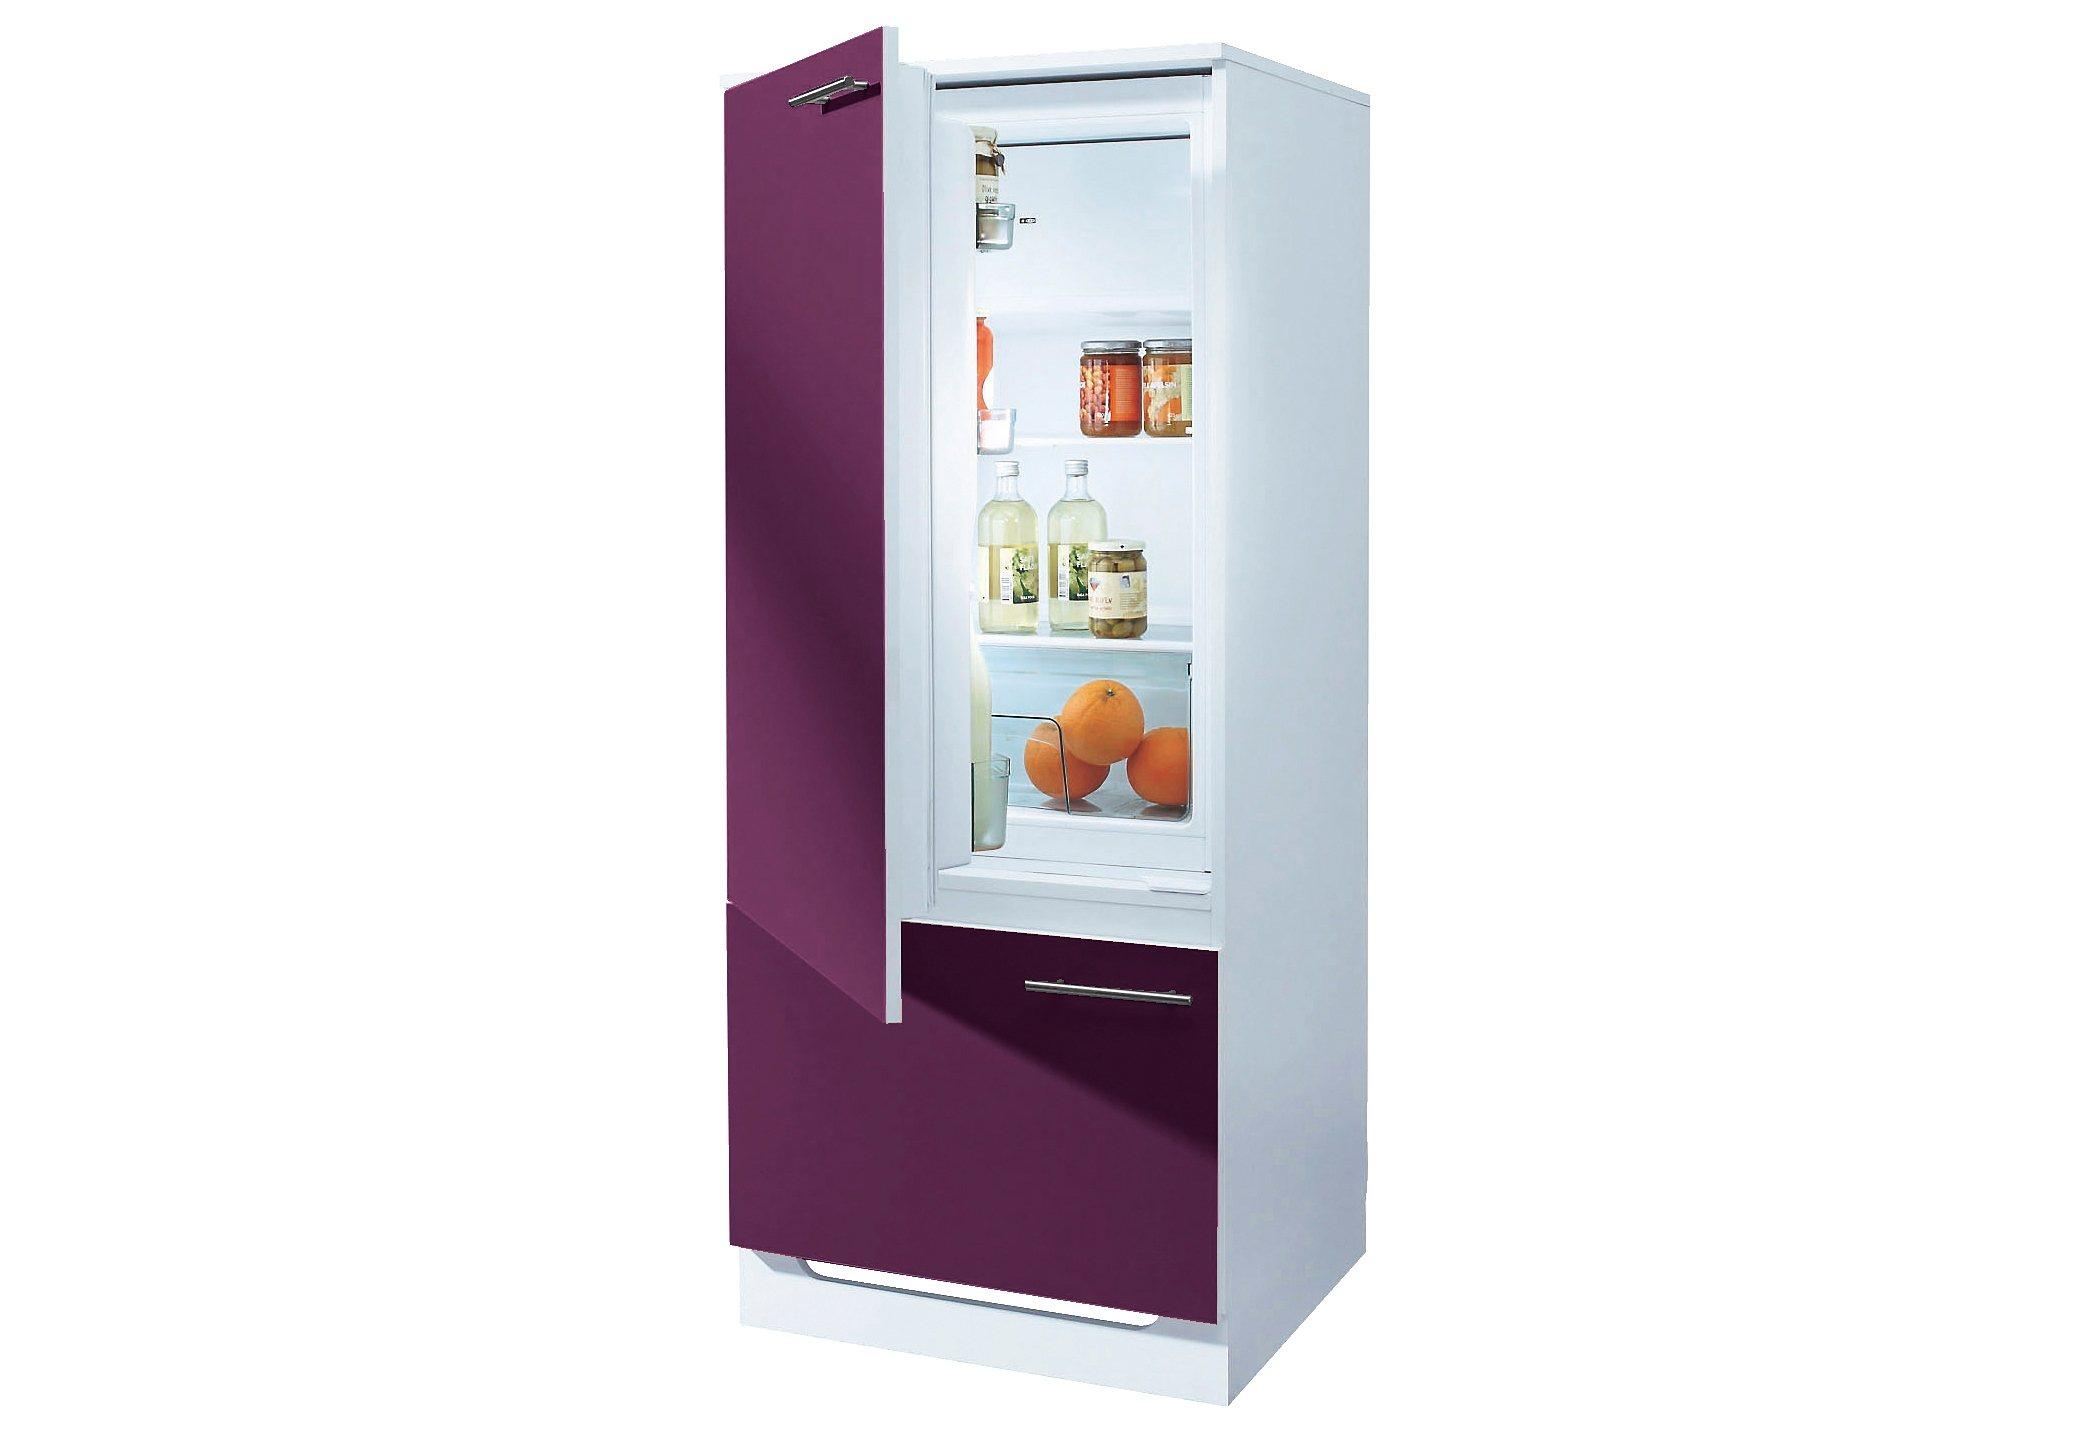 Retro Kühlschrank Quelle : Kühlschränke online kaufen möbel suchmaschine ladendirekt.de